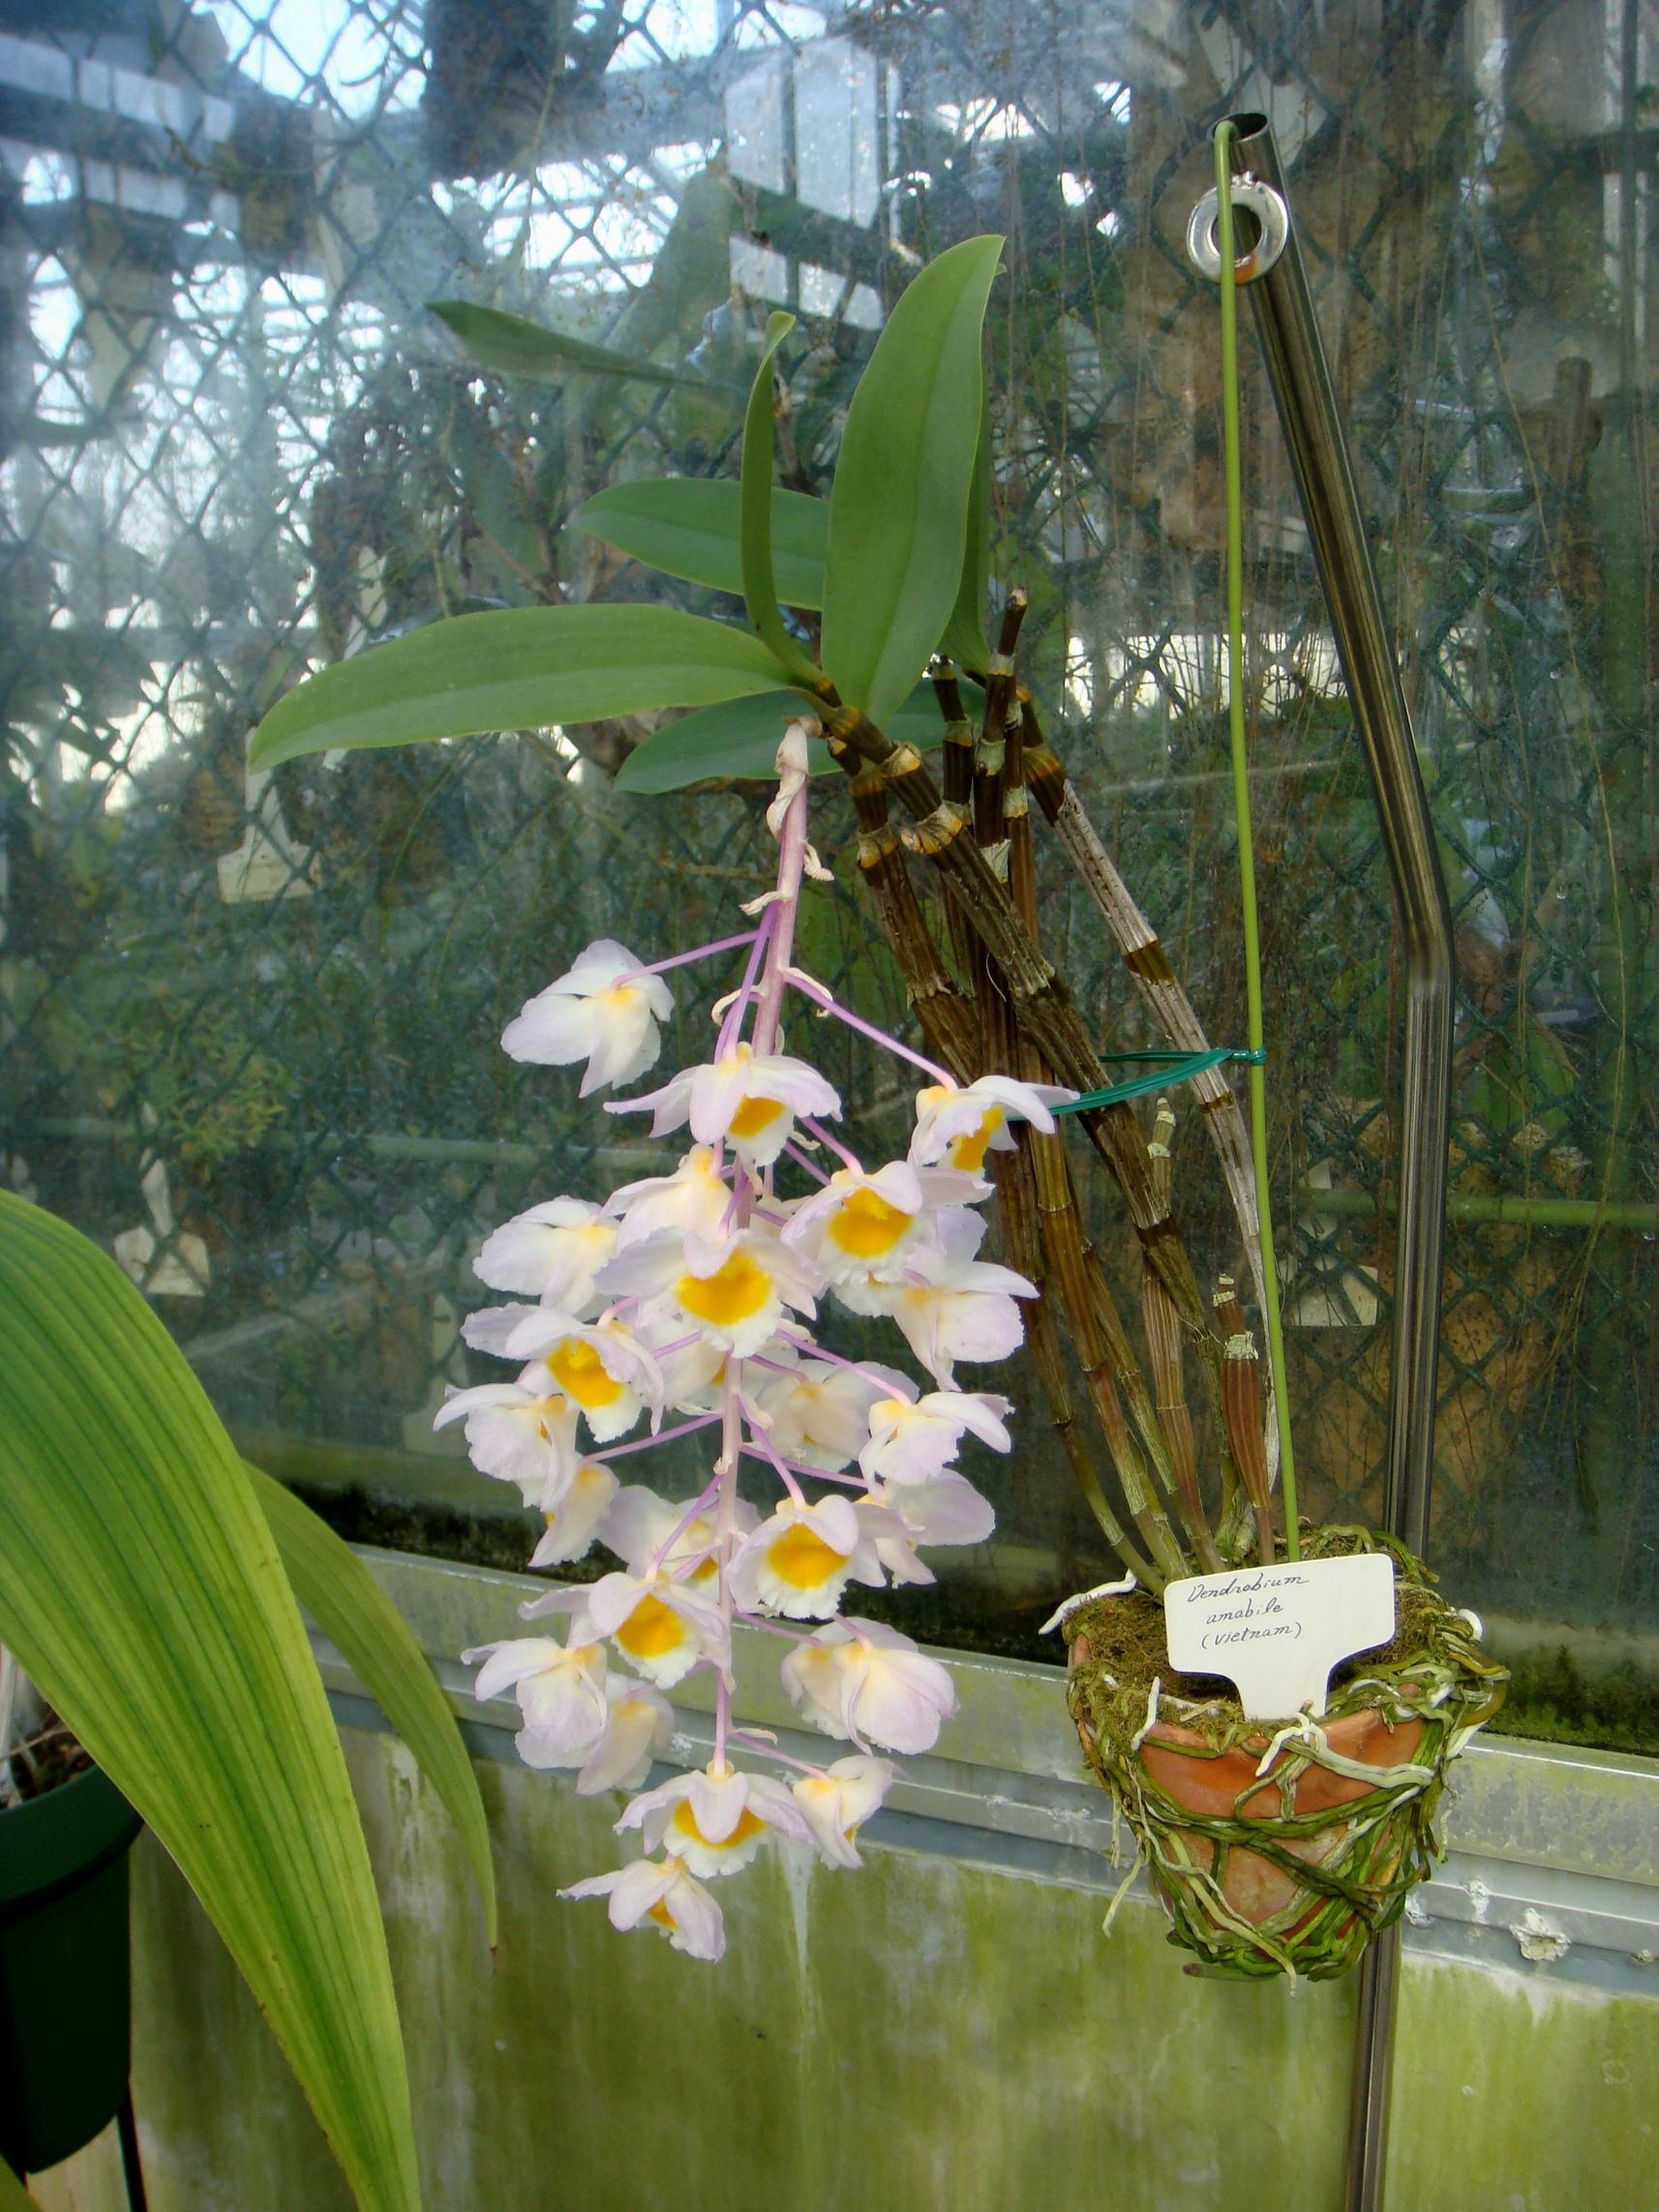 http://orchids.la.coocan.jp/Dendrobium/Dendrobium%20amabile/DSC04220.JPG